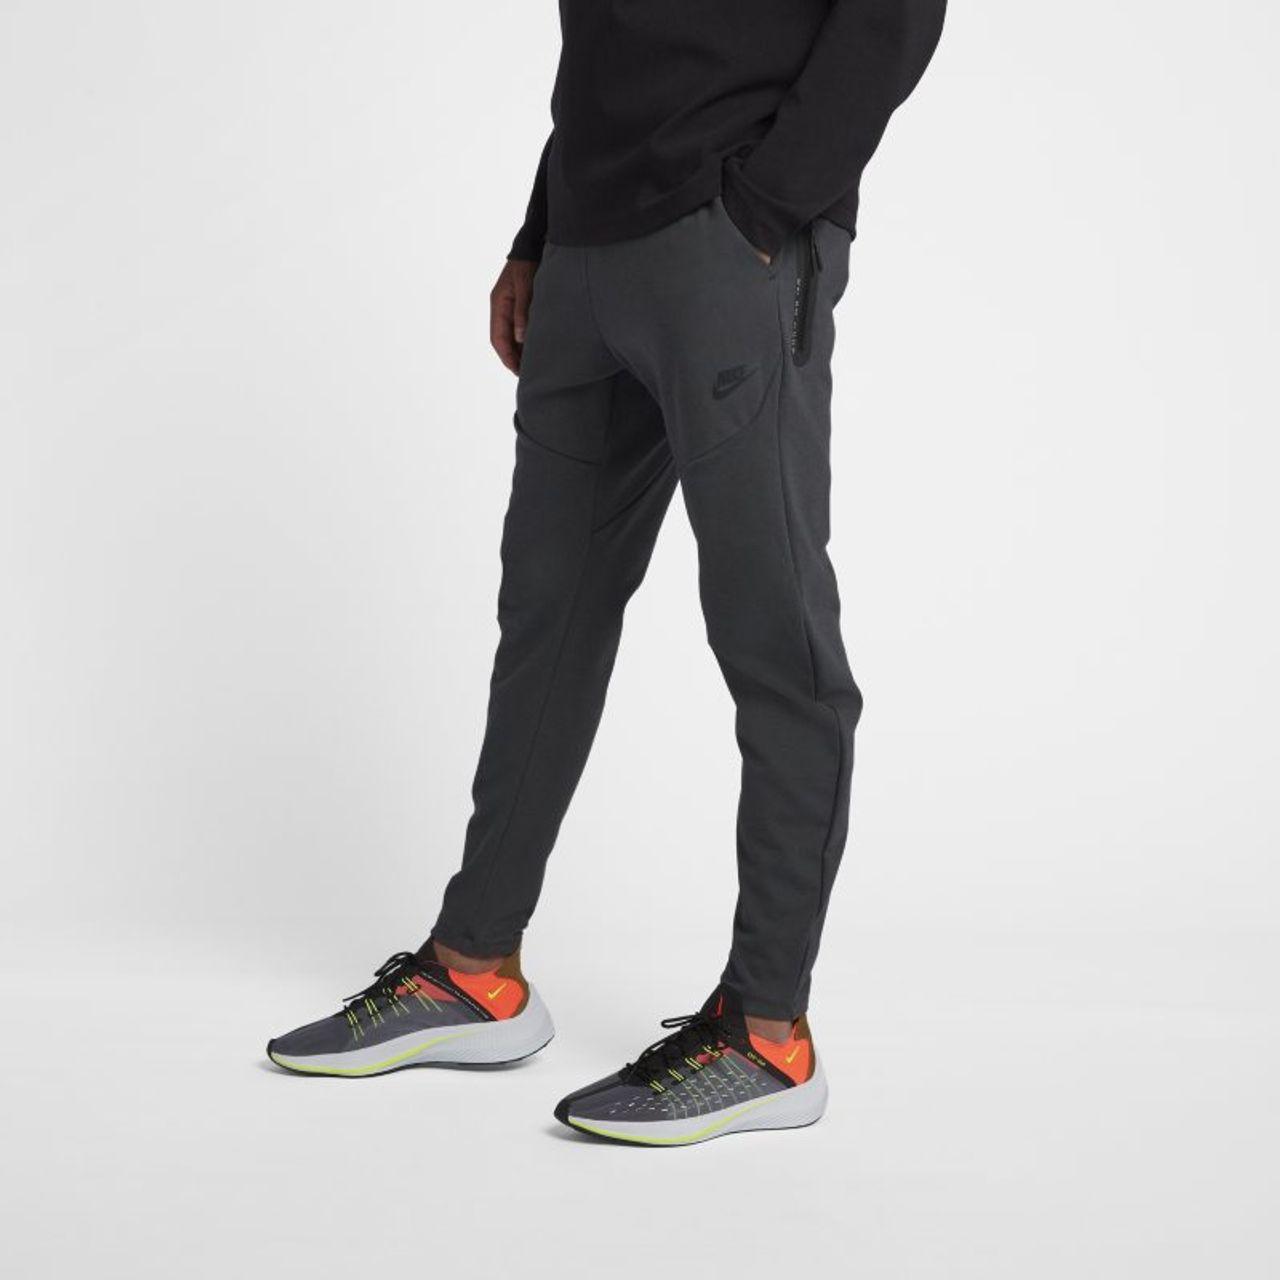 aaa91915771 Nike Sportswear Tech Pack Herenbroek - Zwart 928575-060 - Vergelijk prijzen